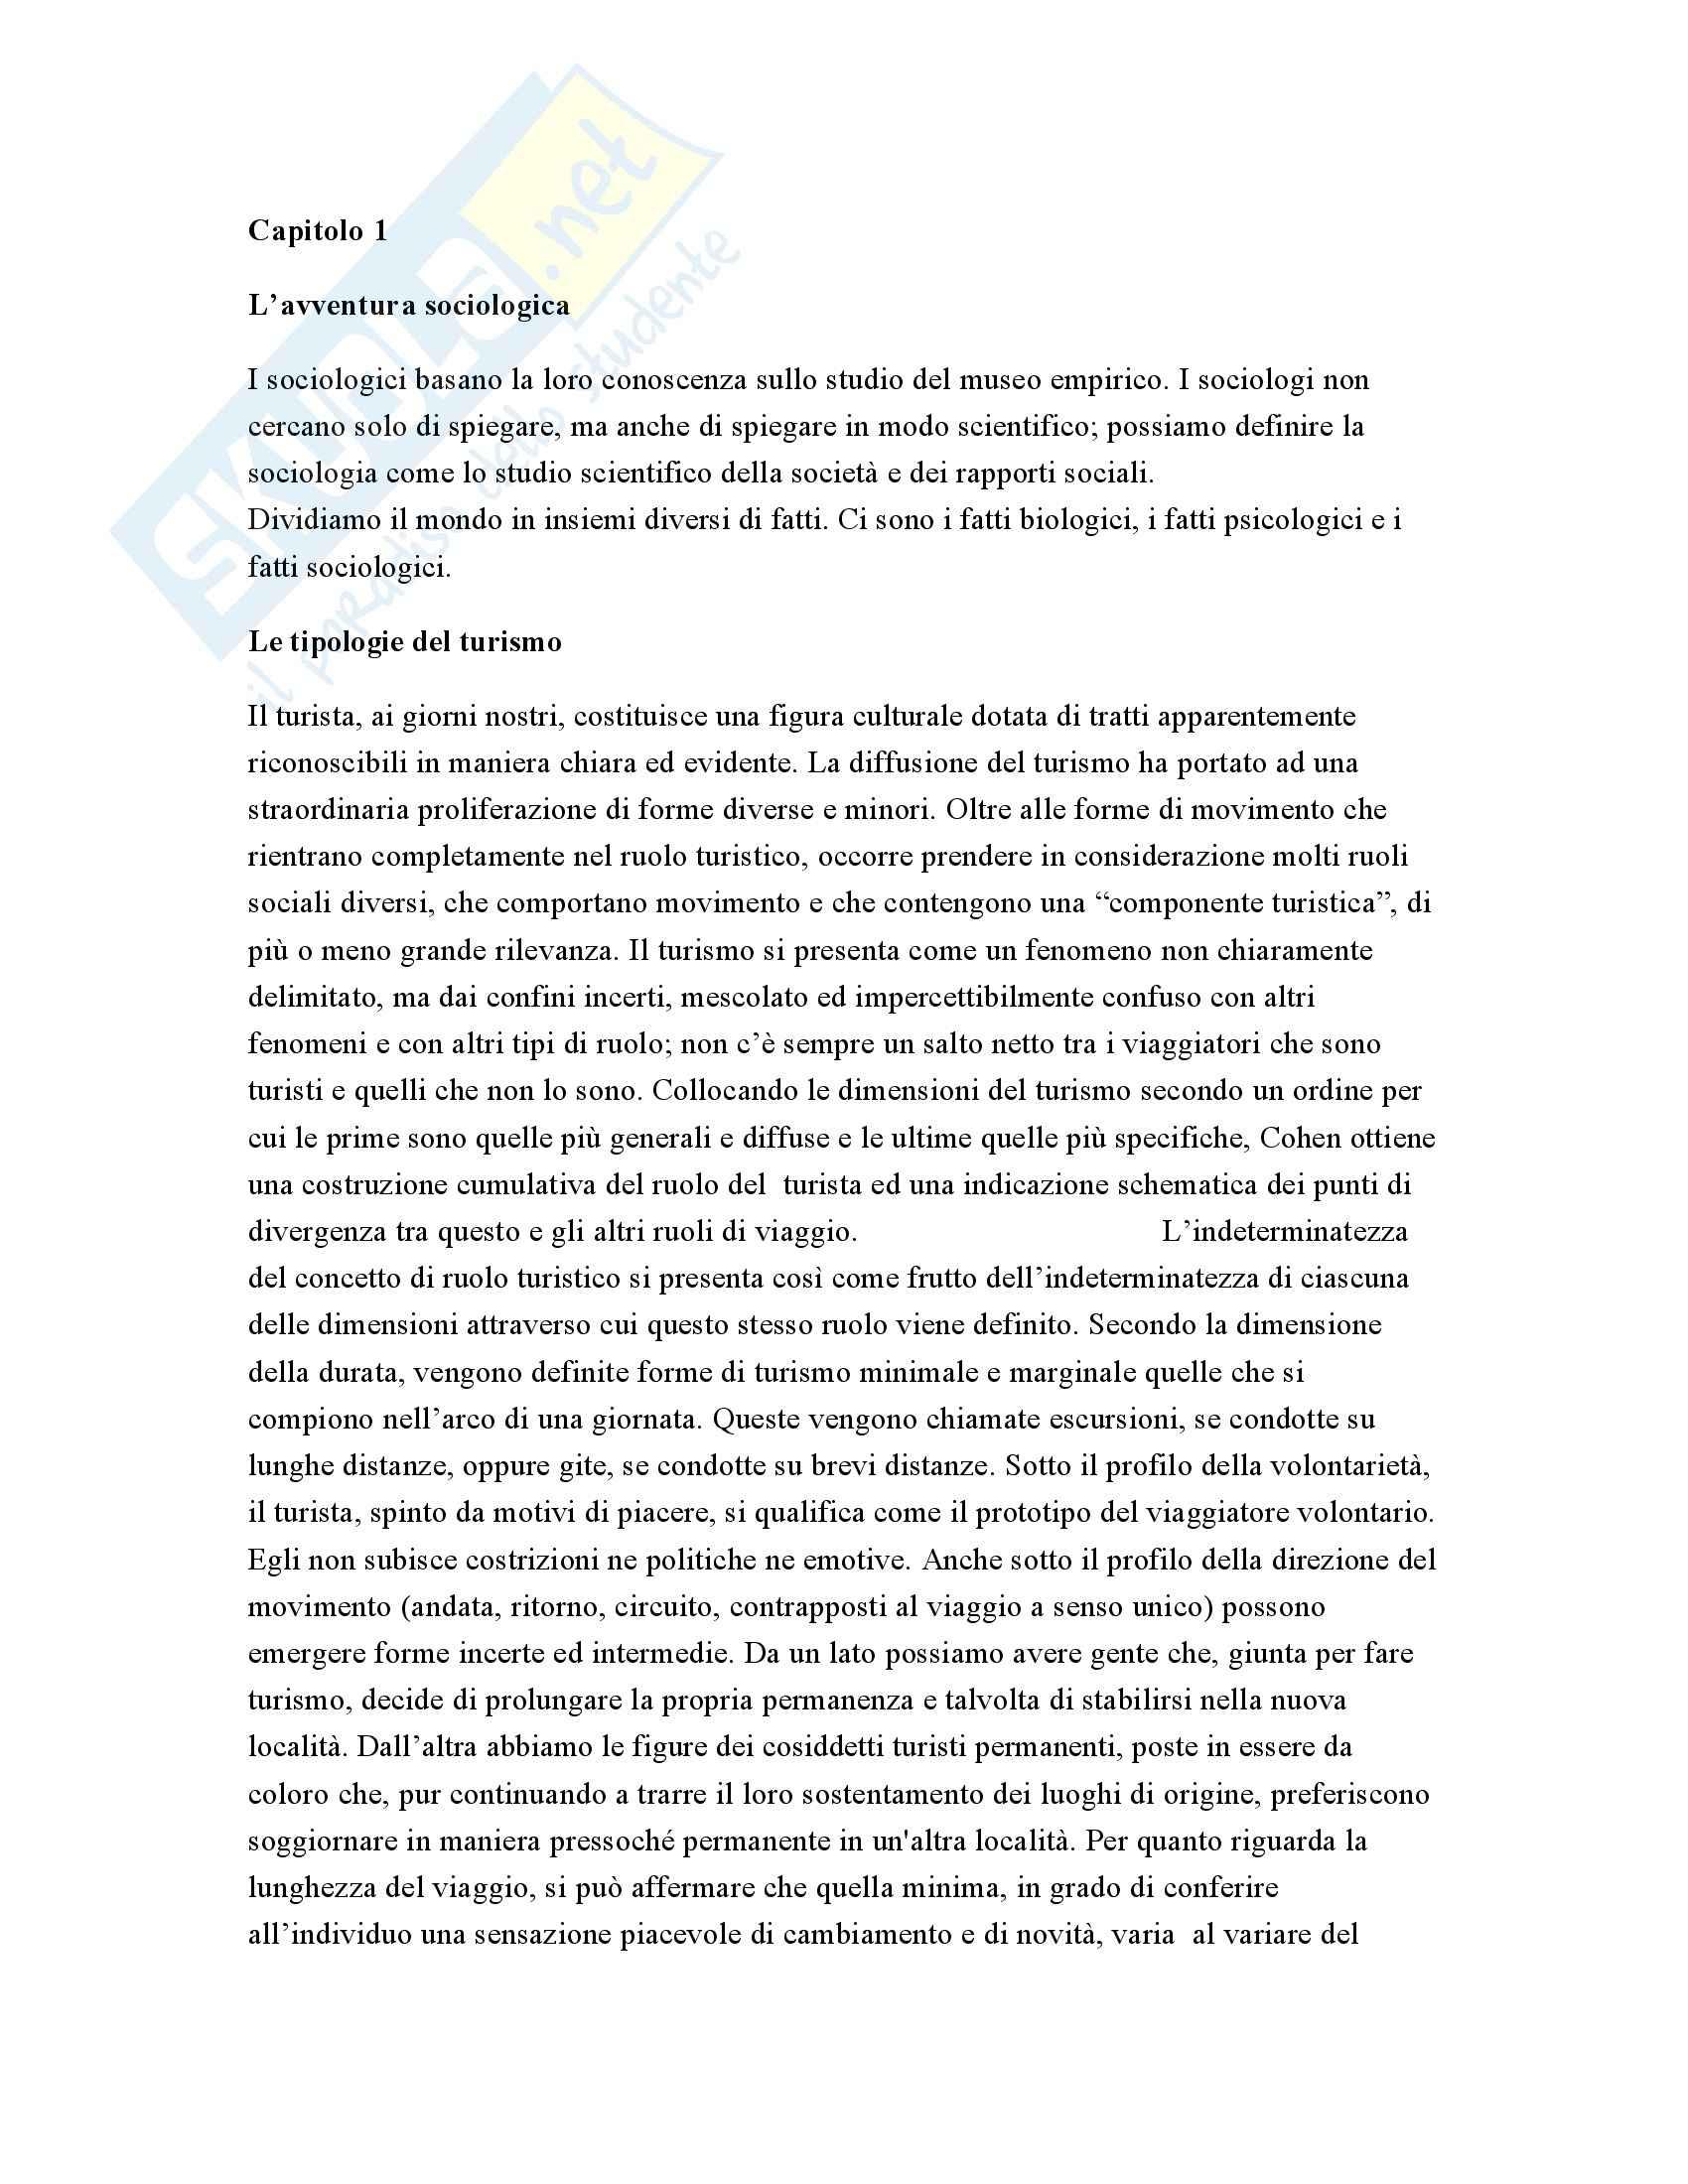 Sociologia del turismo - Appunti